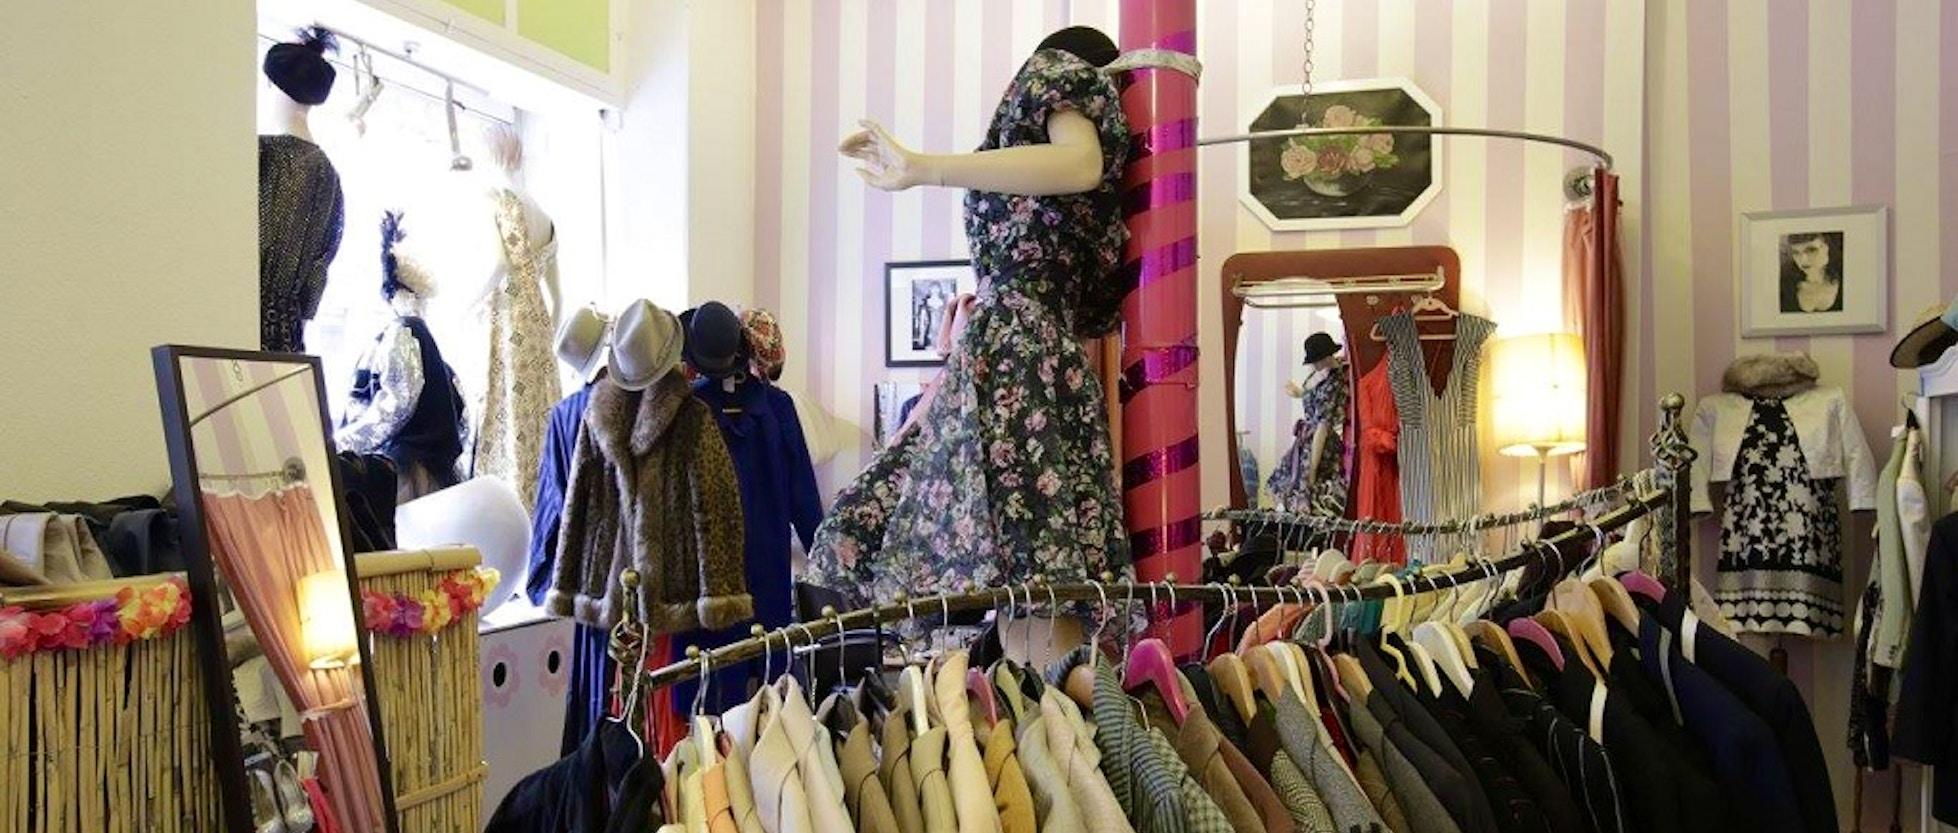 0a01a54e9de3 10 negozi di abbigliamento vintage a Berlino